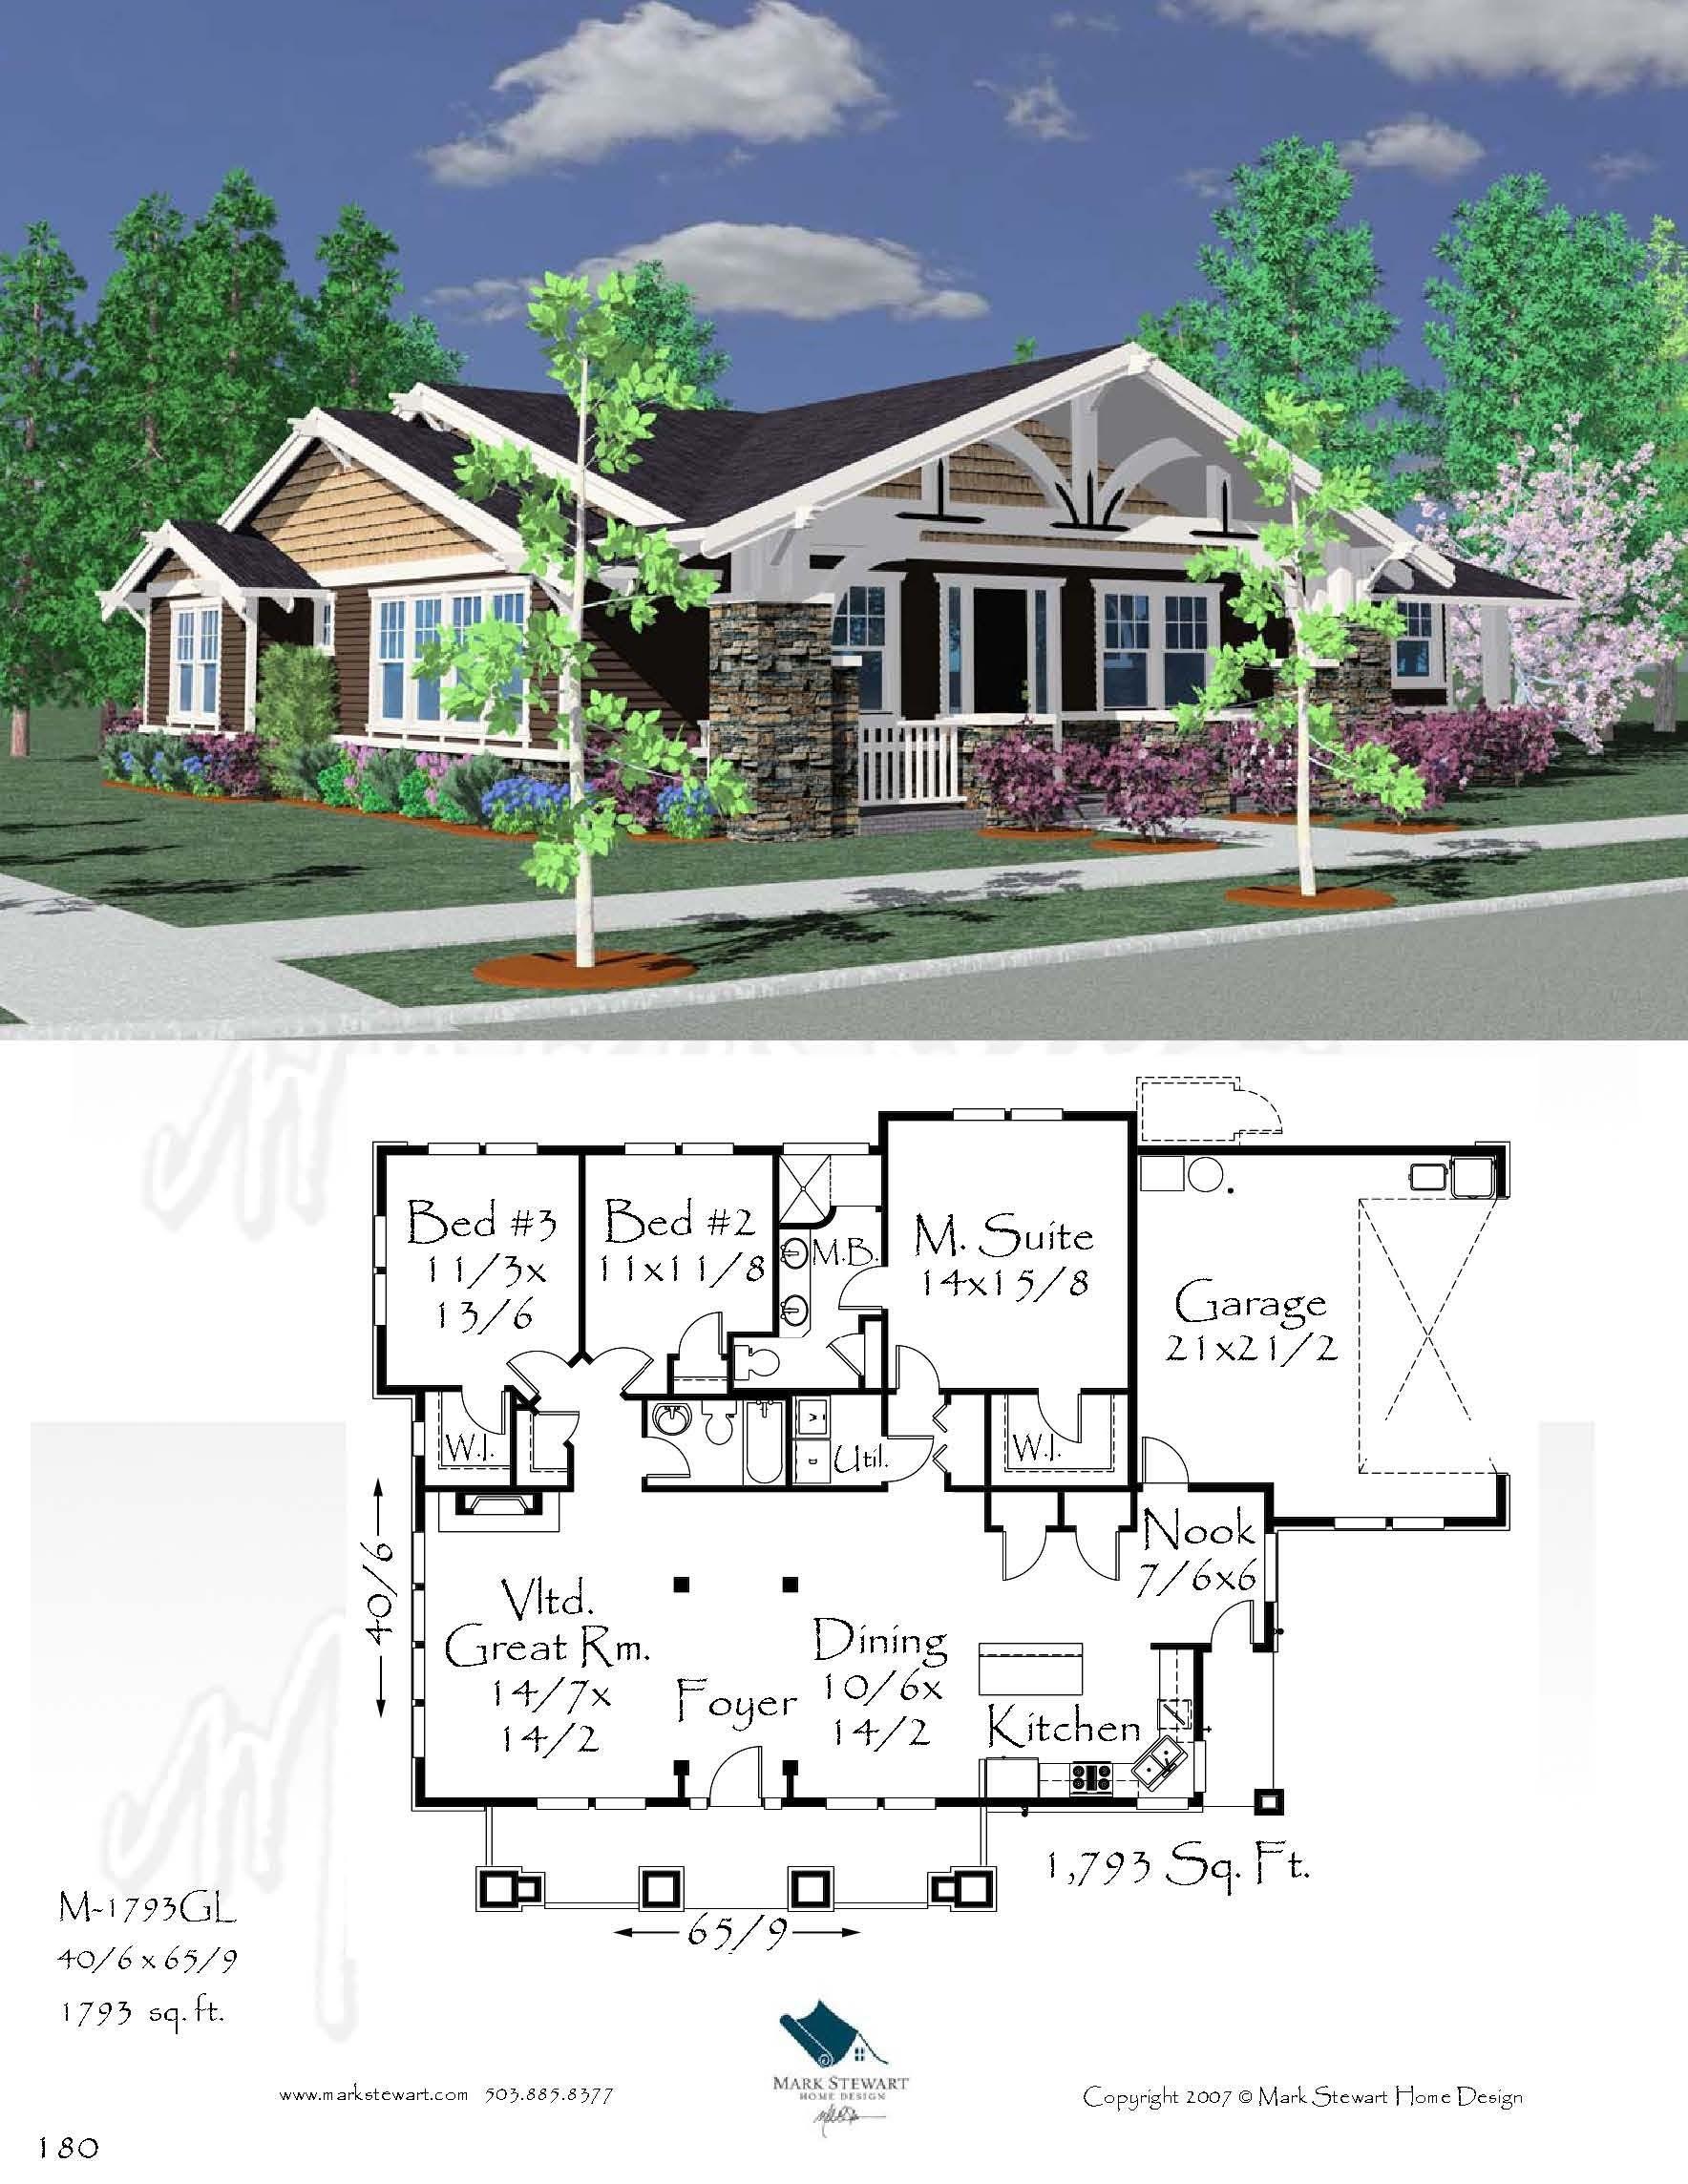 M 1793 Gl House Plan Bungalow House Plans Bungalow House Plans House Design House Plans